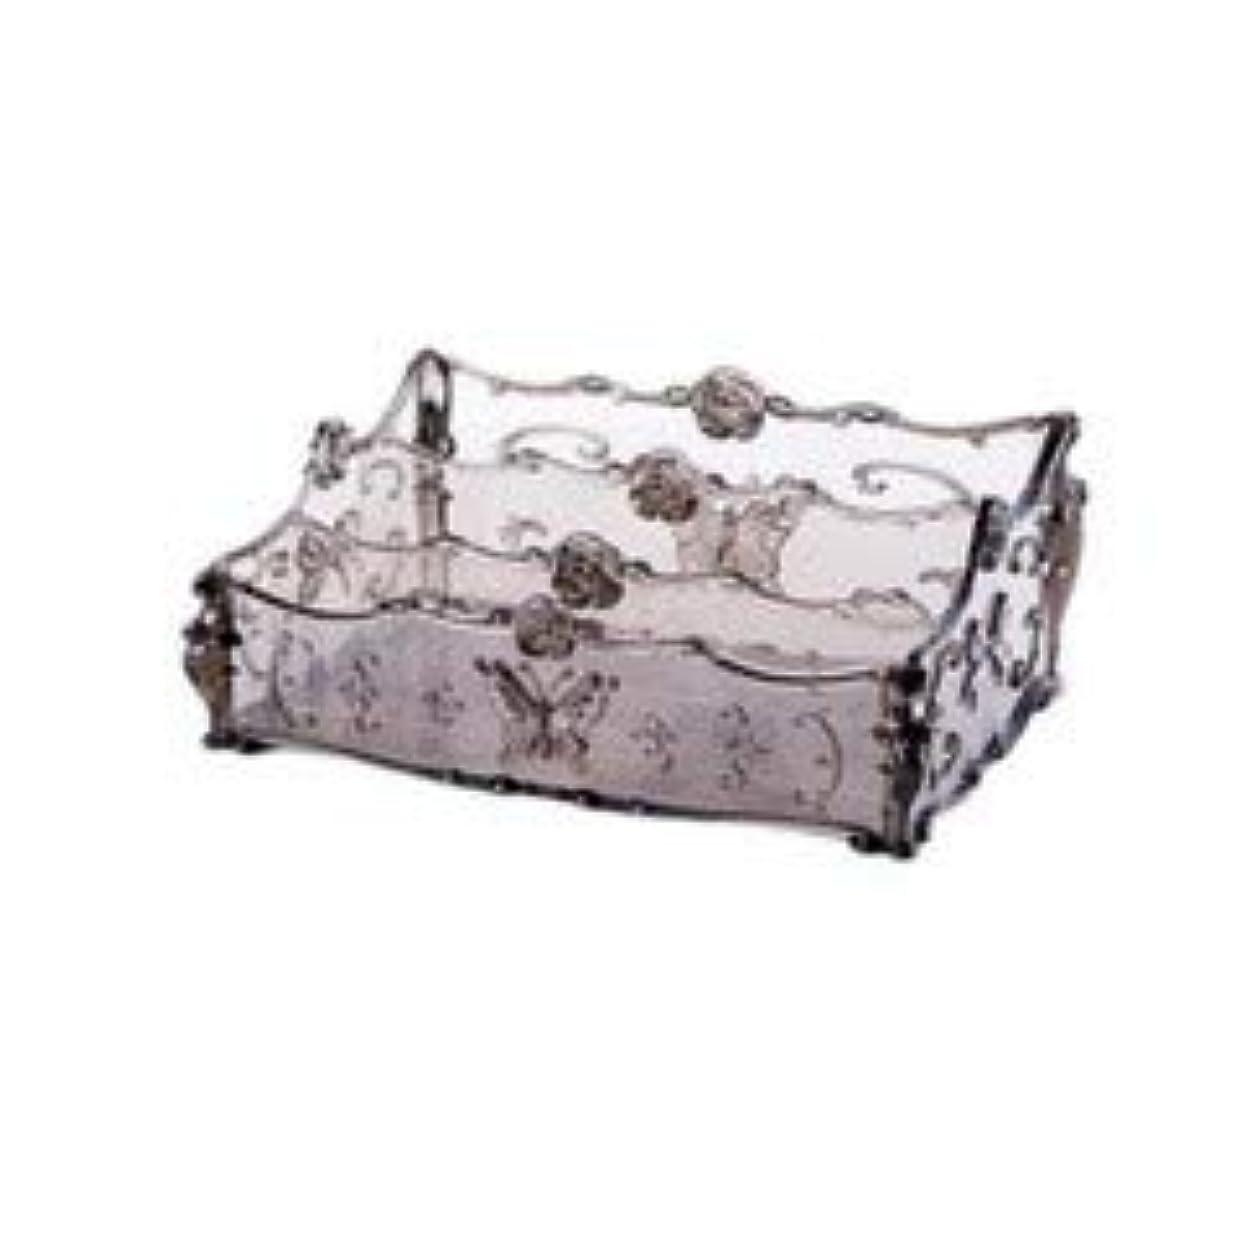 法律配るなめるフラワー彫刻デスクトップ化粧品収納ボックス化粧台透明ラック家庭用プラスチックマルチカラースキンケア製品仕上げボックス (Color : Transparent gray)